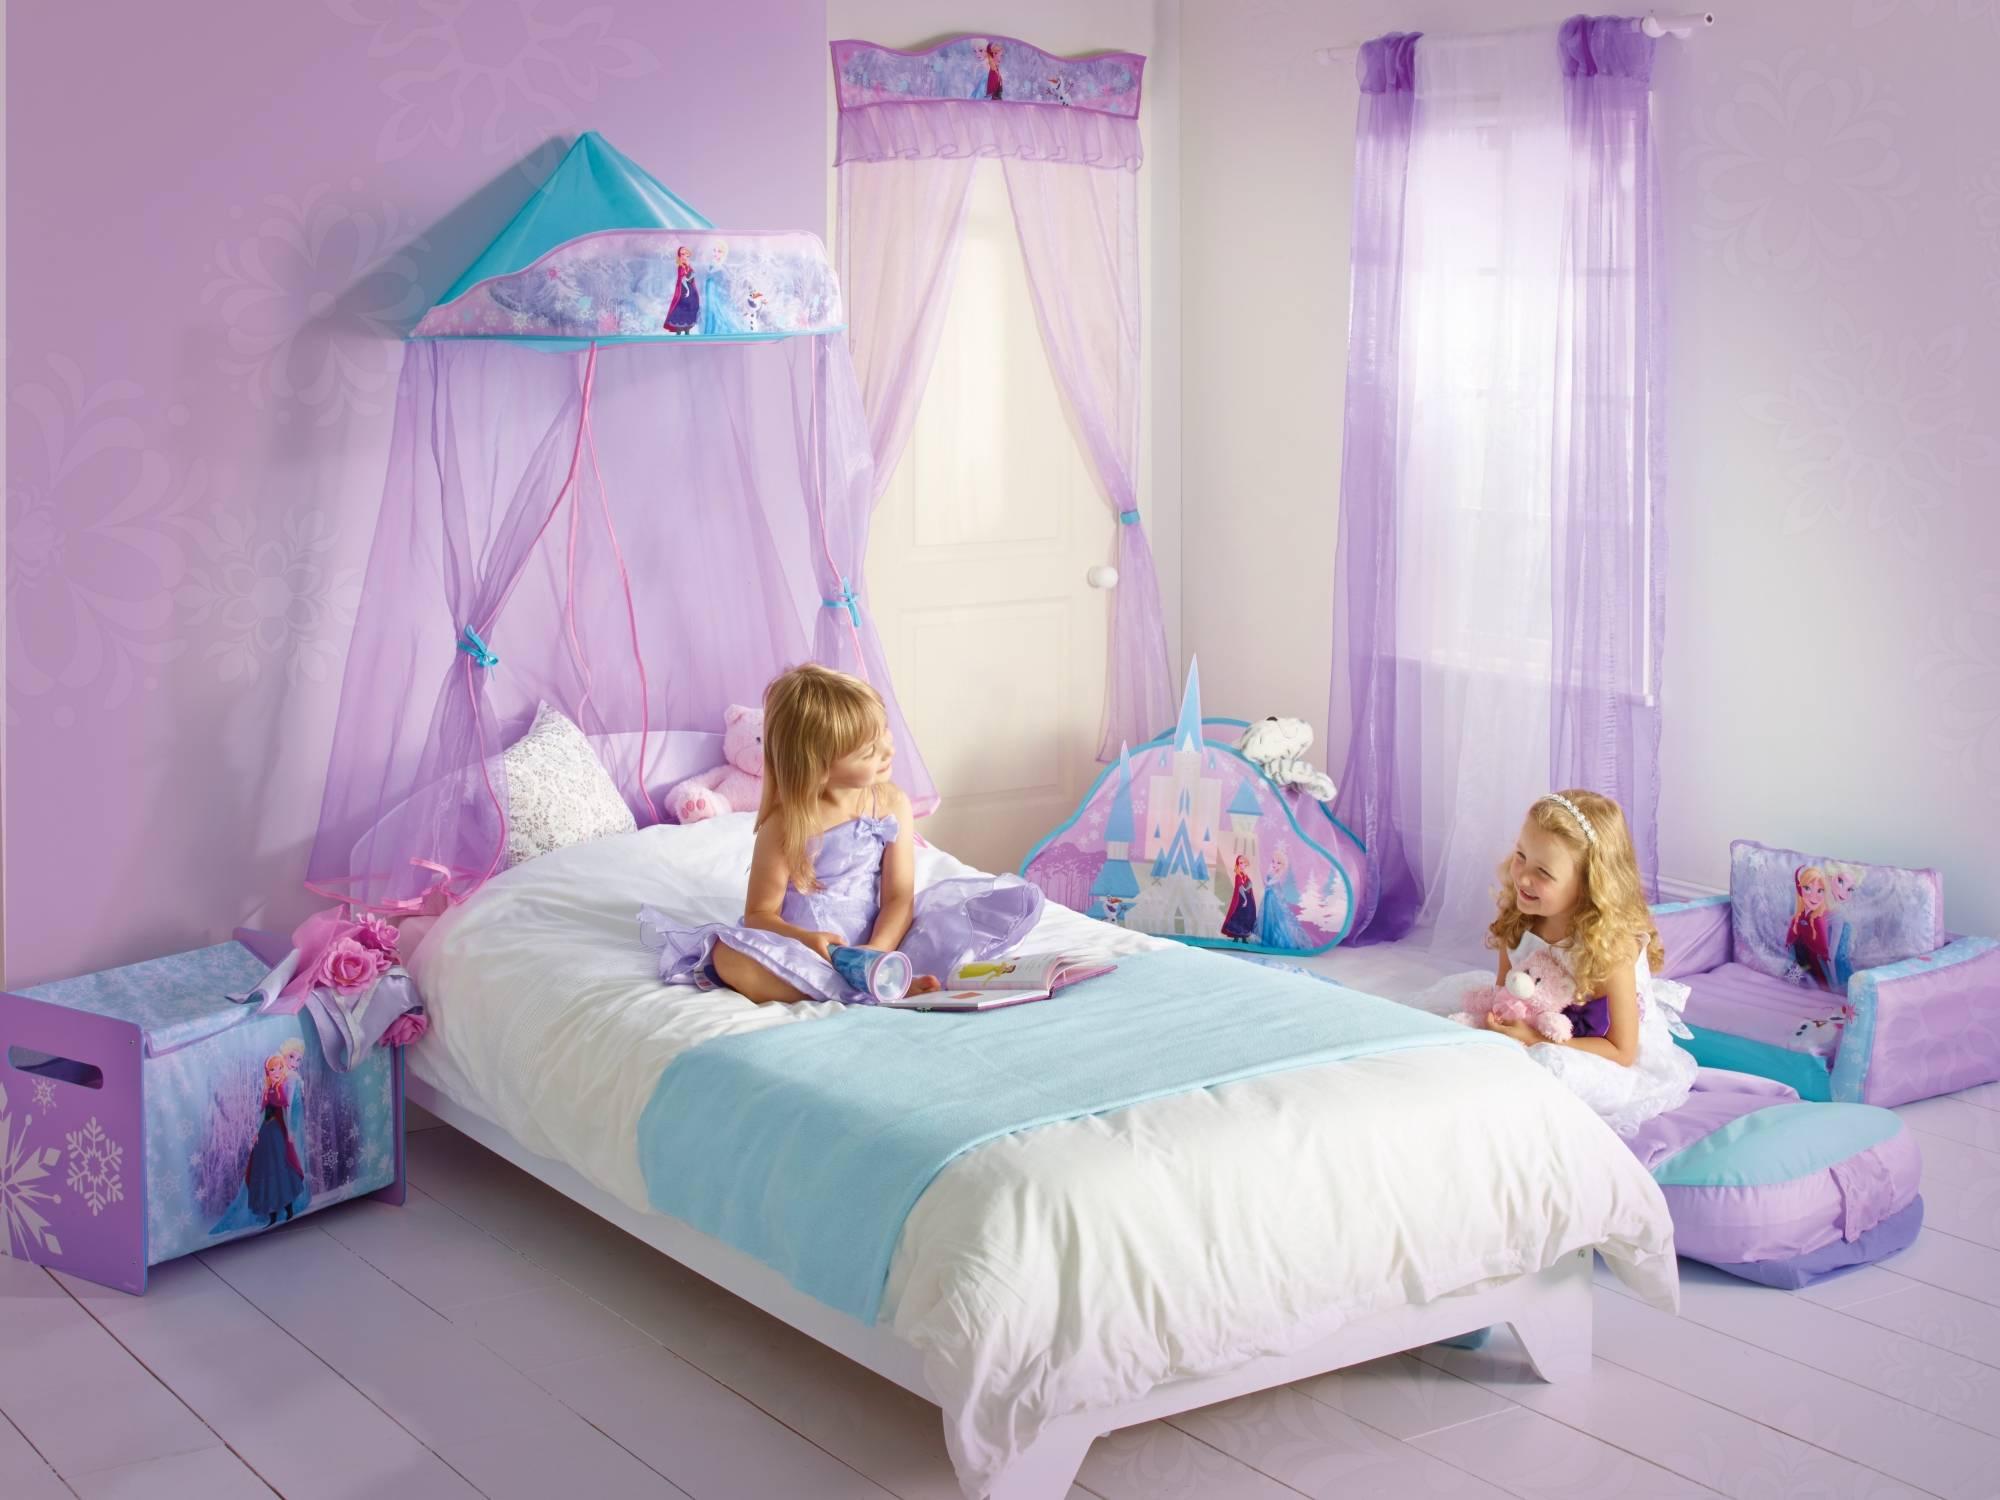 Frozen Princess Bedroom for your kid